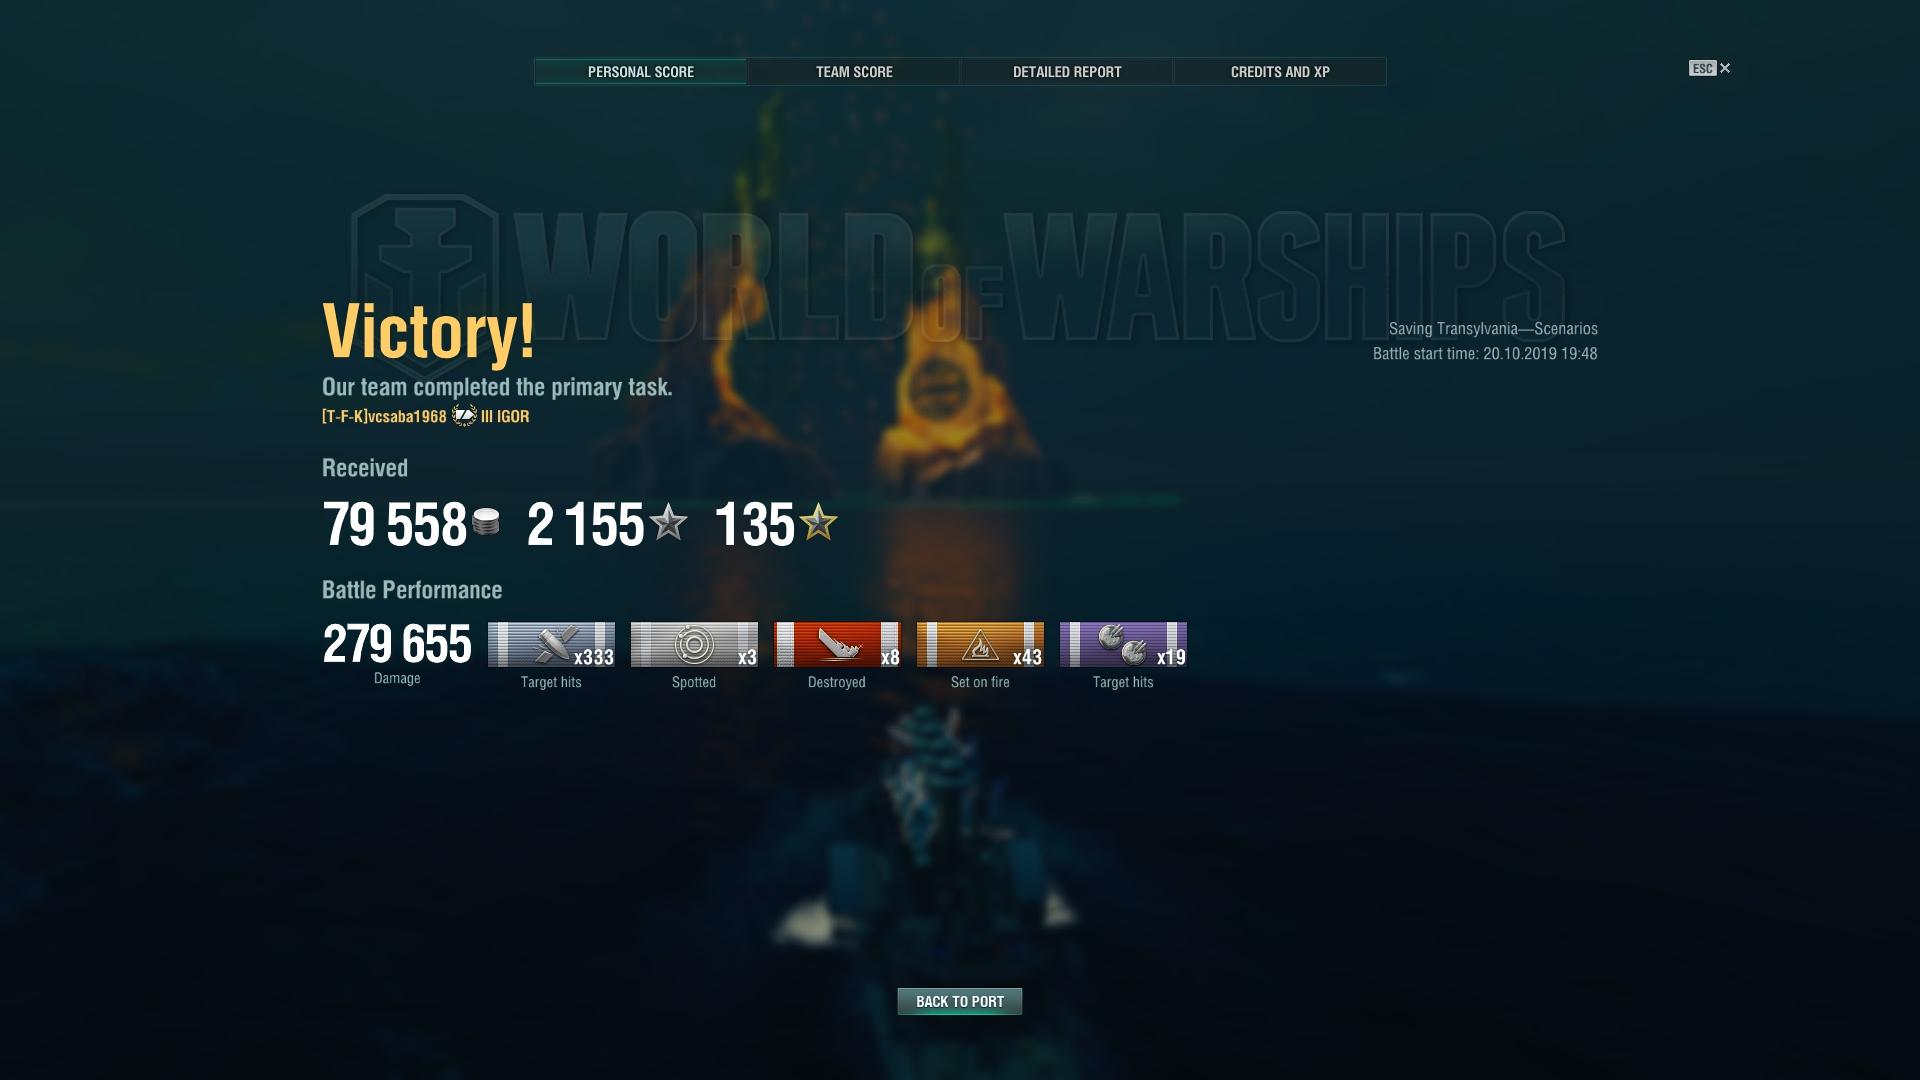 shot-19.10.20_20.03.31-0064.jpg